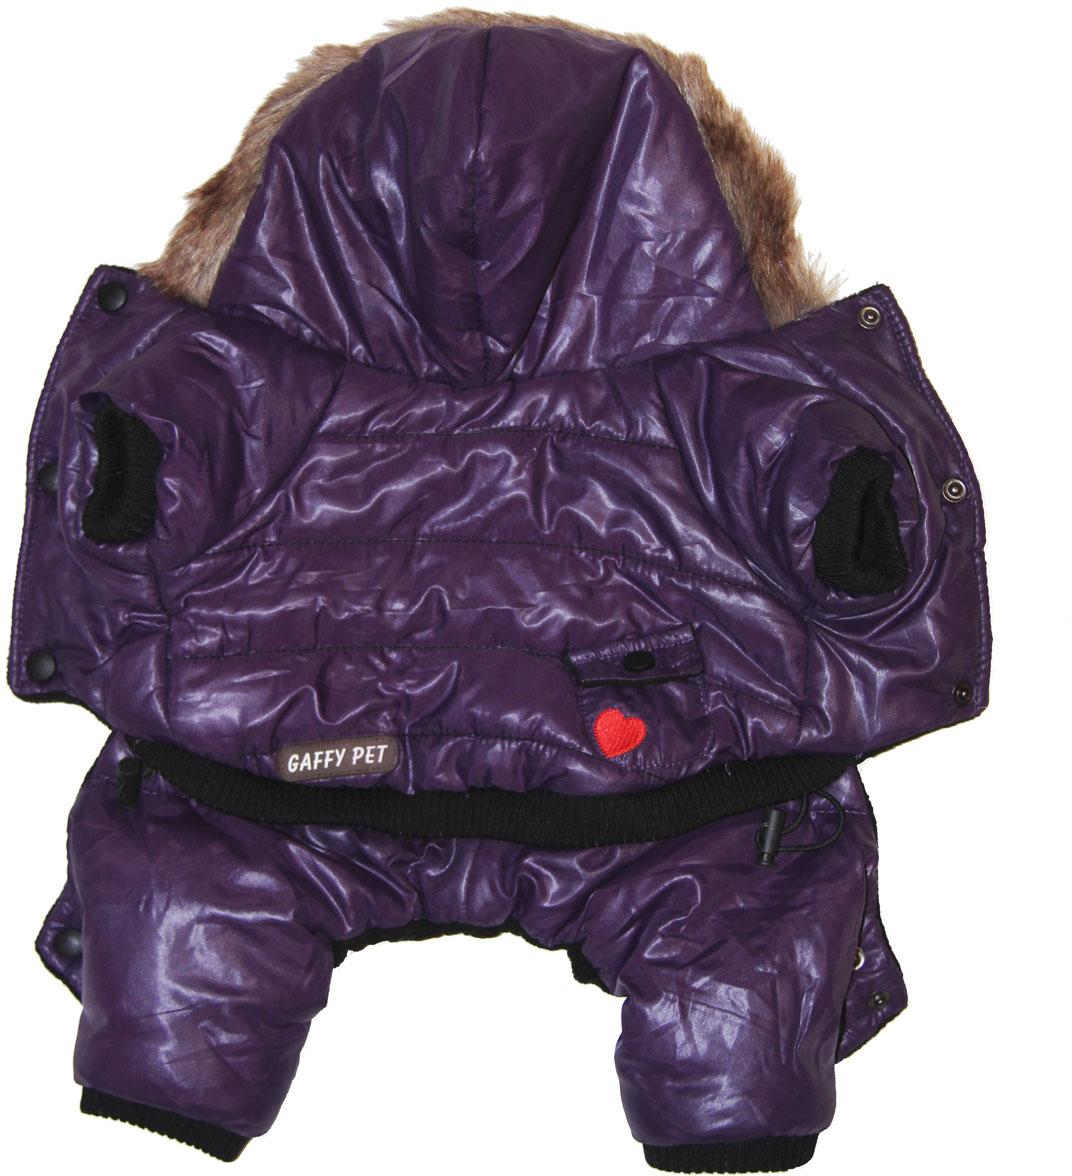 """Фото Комбинезон для собак Gaffy Pet """"Heart"""", зимний, для мальчика, цвет: фиолетовый. Размер XL"""